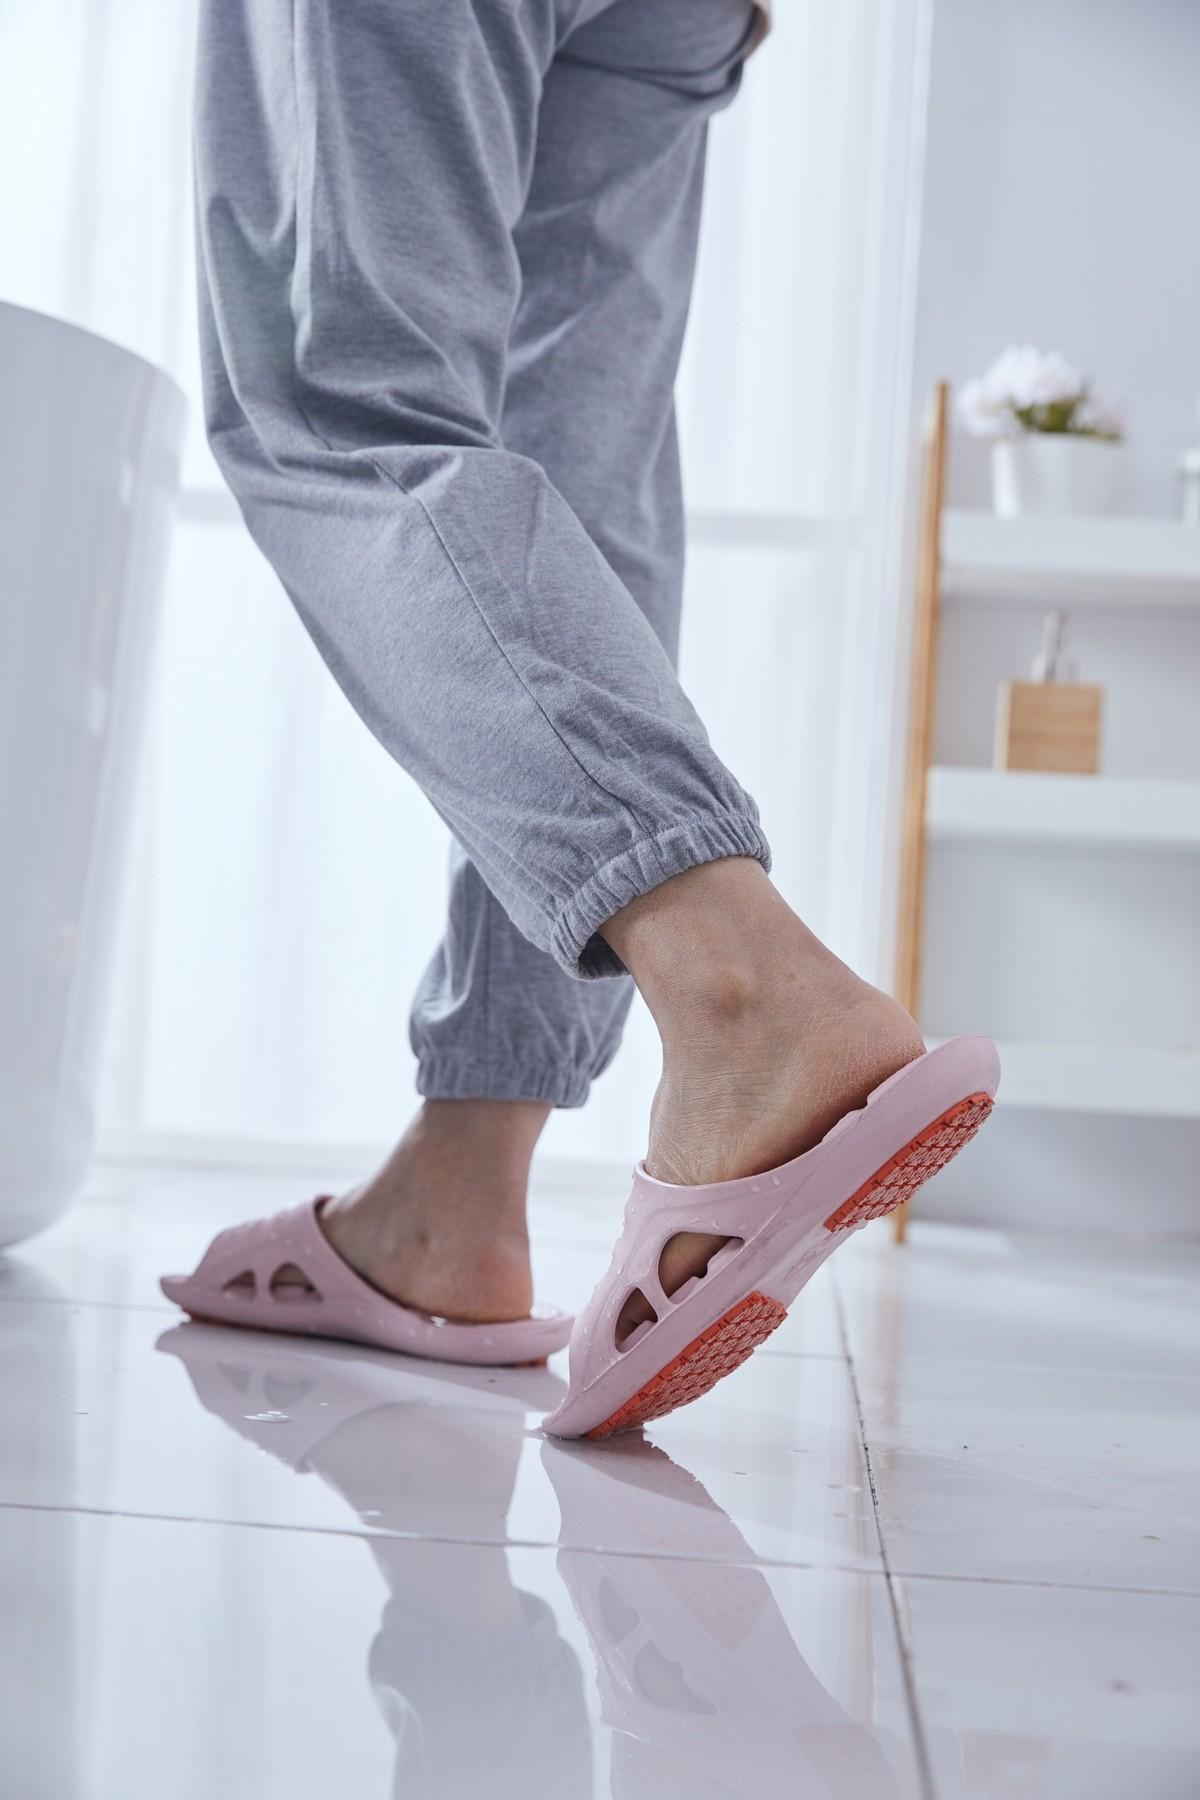 有没有适合老人穿的安全防滑拖鞋?